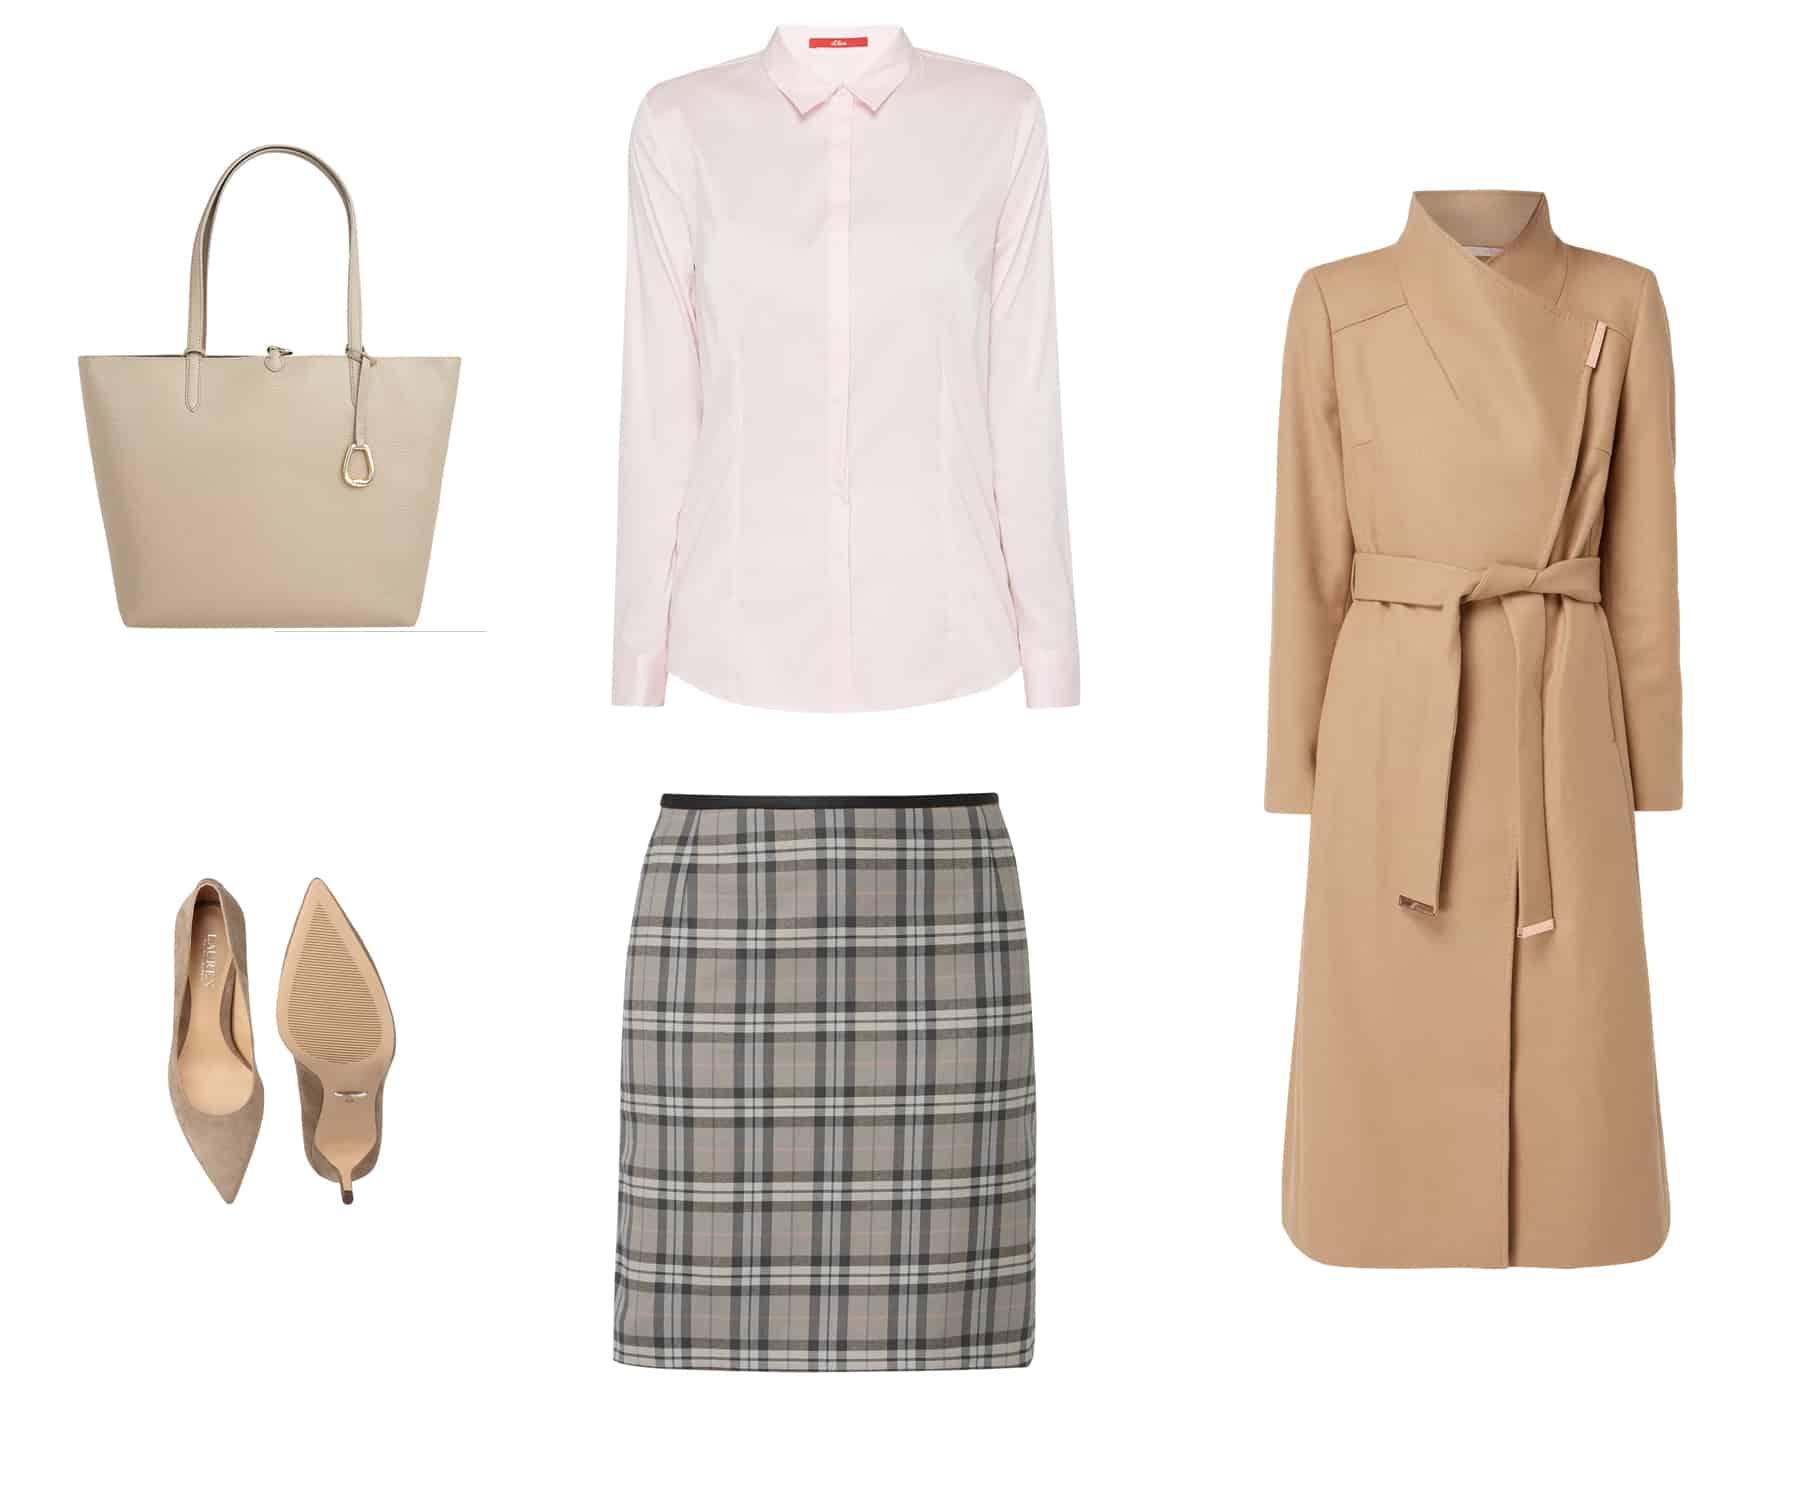 moda jesień zima 2018 - beżowy płaszcz jesienny karmelowy, różowa koszula damska z krytymi guzikami, spódnica ołówkowa w kratkę, beżowe czółenka zamszowe, beżowa torebka shoperka